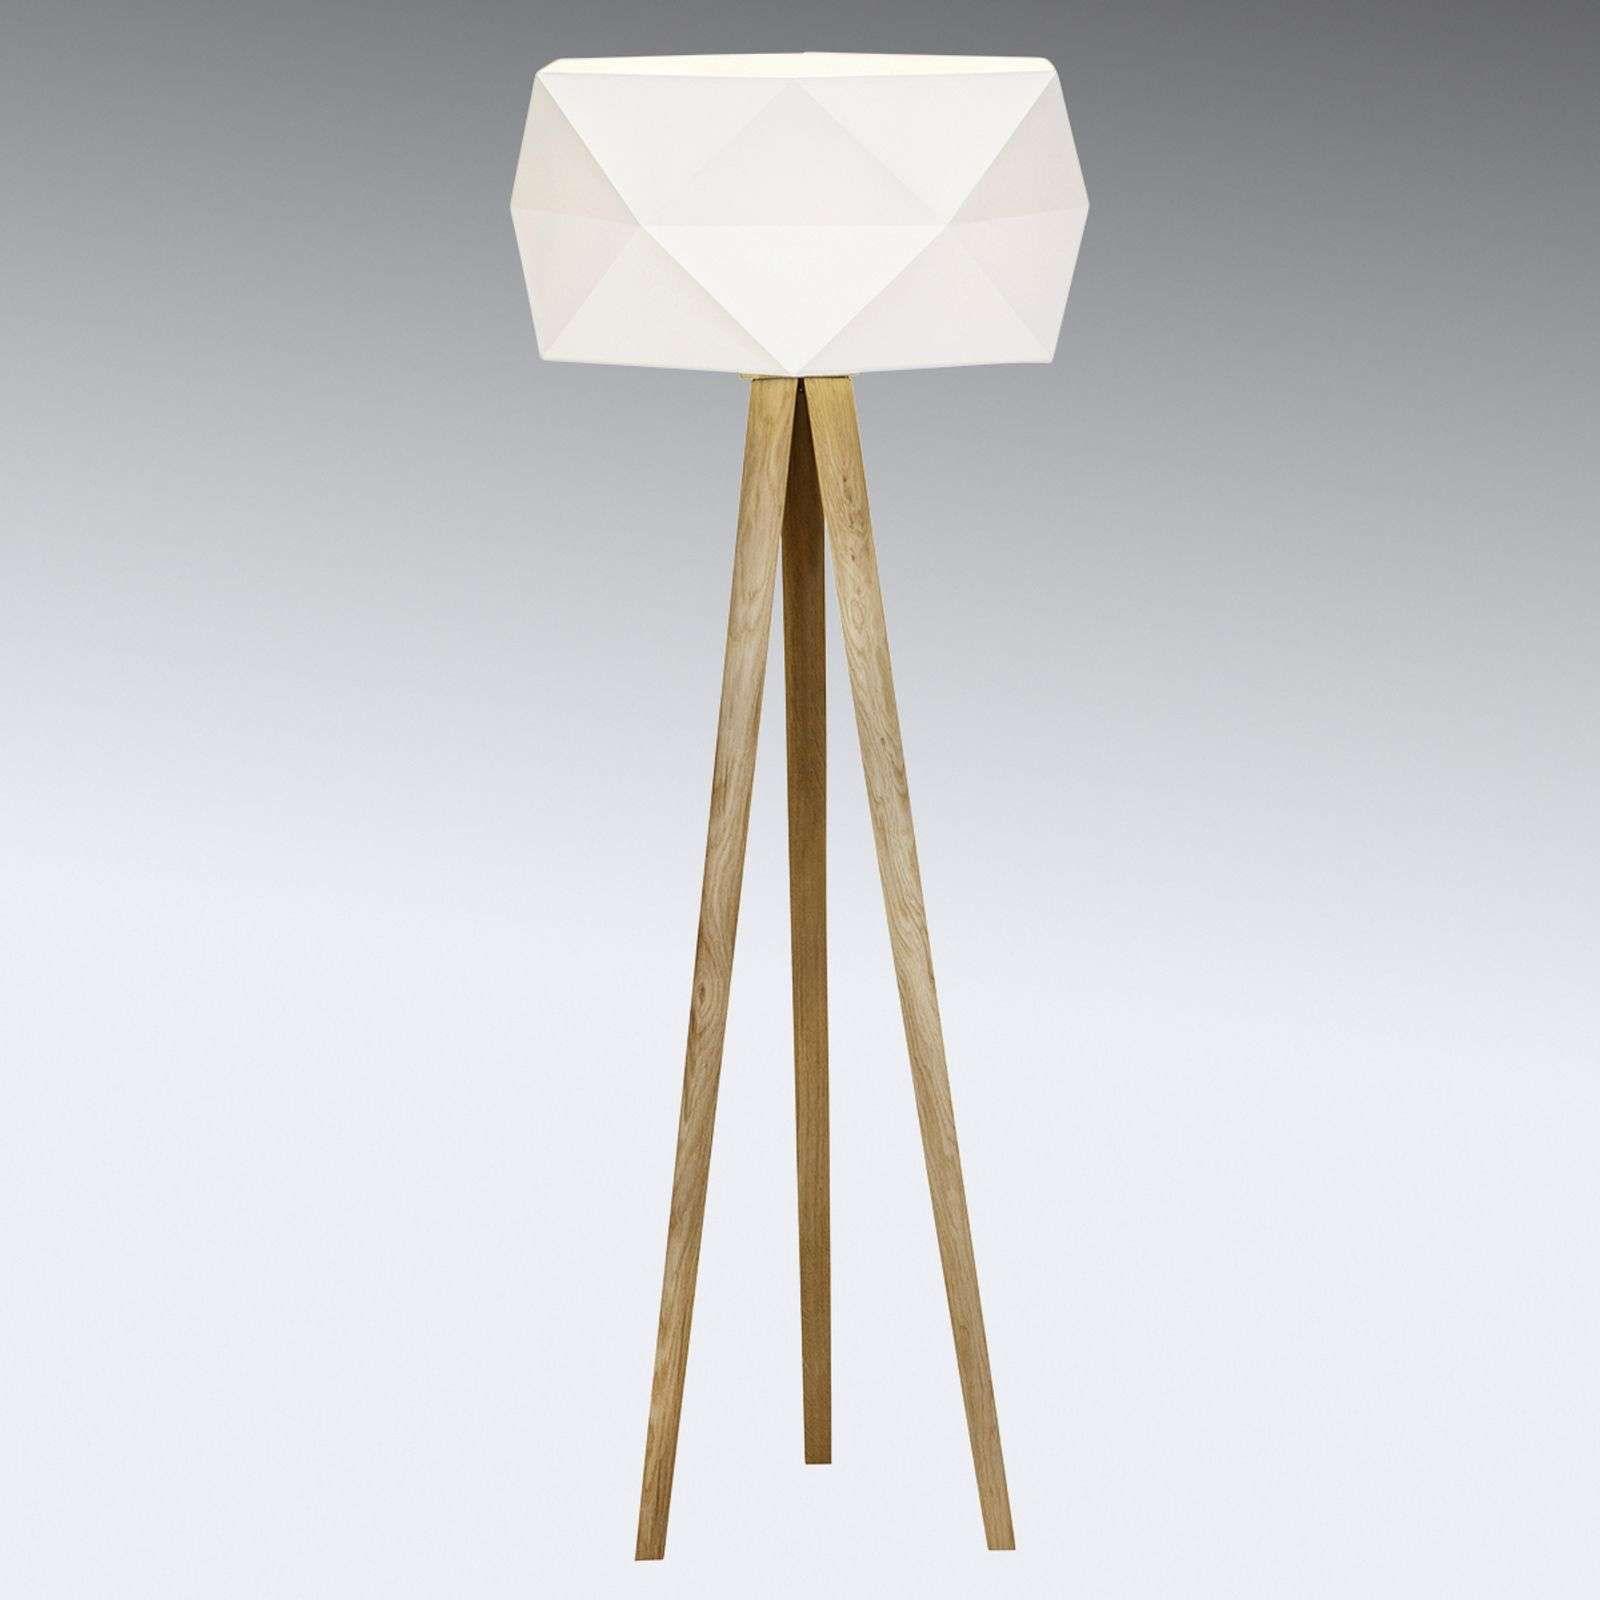 Staande Lamp Bruine Kap Staande Lamp Rose Goud Staande Schemerlamp Brons Grote Booglamp Ikea Vloerlamp Hout Industrieel Vloerlamp Witte Stoffen Lampen